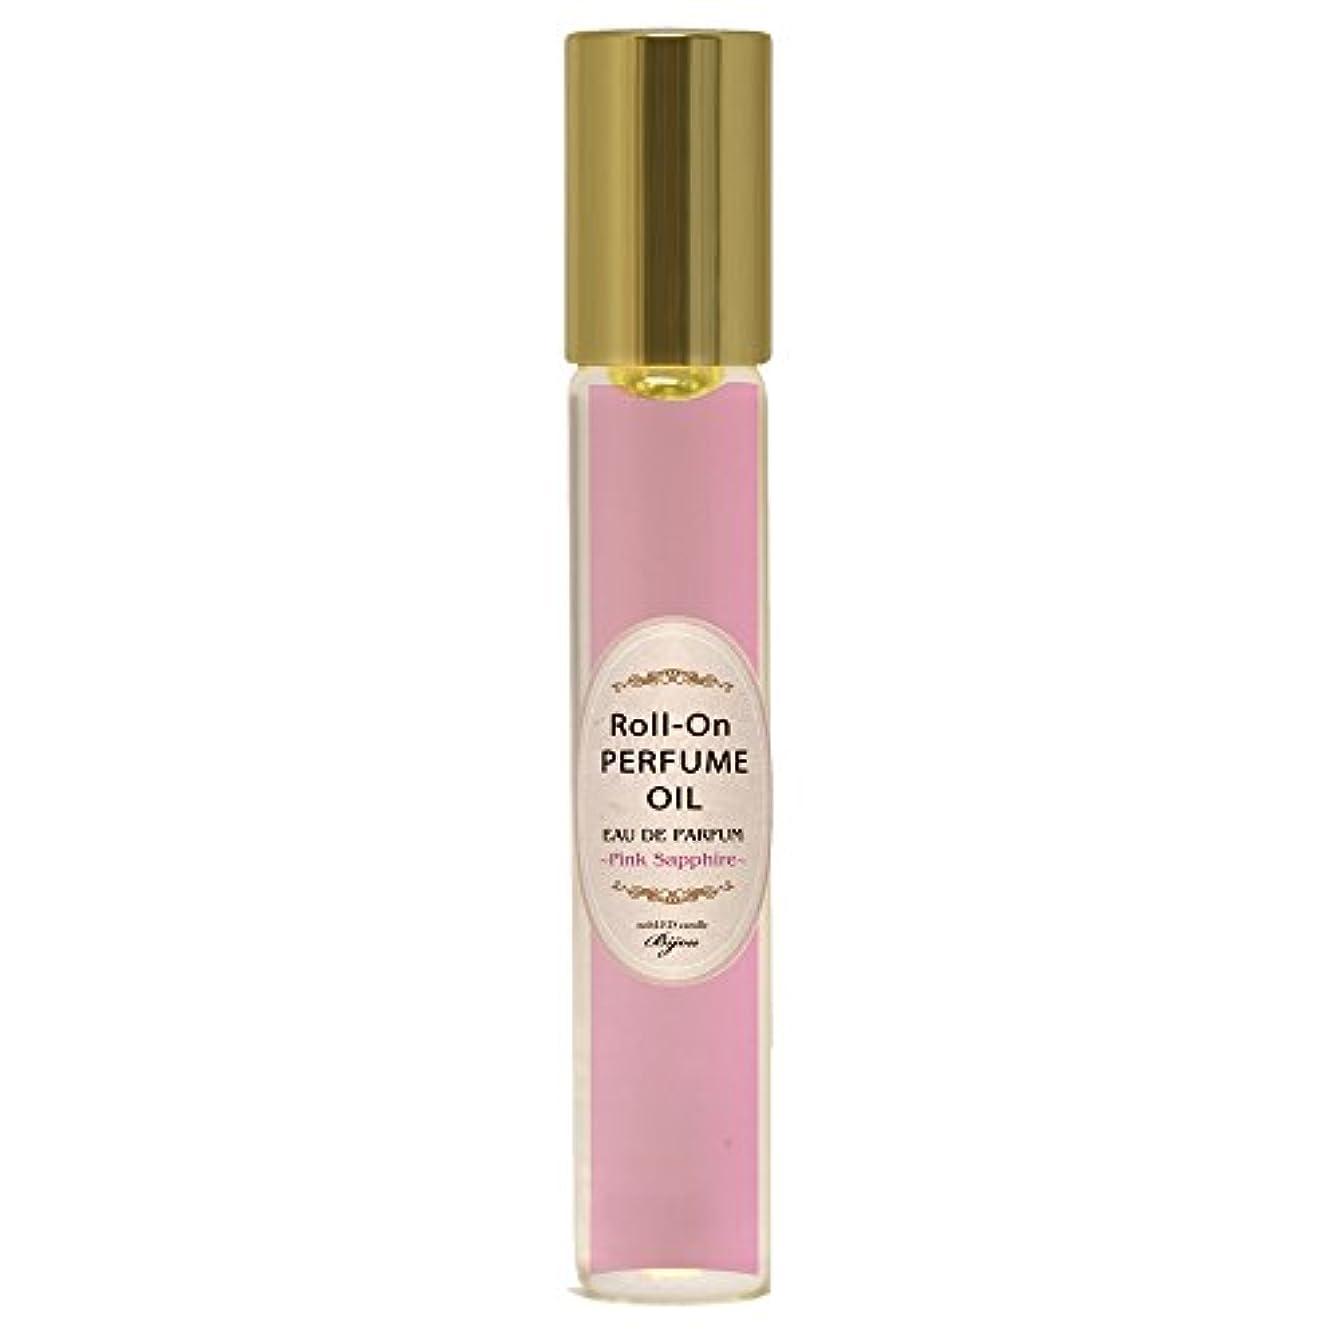 舌ネーピア狐nobLED candle Bijou ロールオンパフュームオイル ピンクサファイア Pink Sapphire Roll-On PERFUME OIL ノーブレッド キャンドル ビジュー